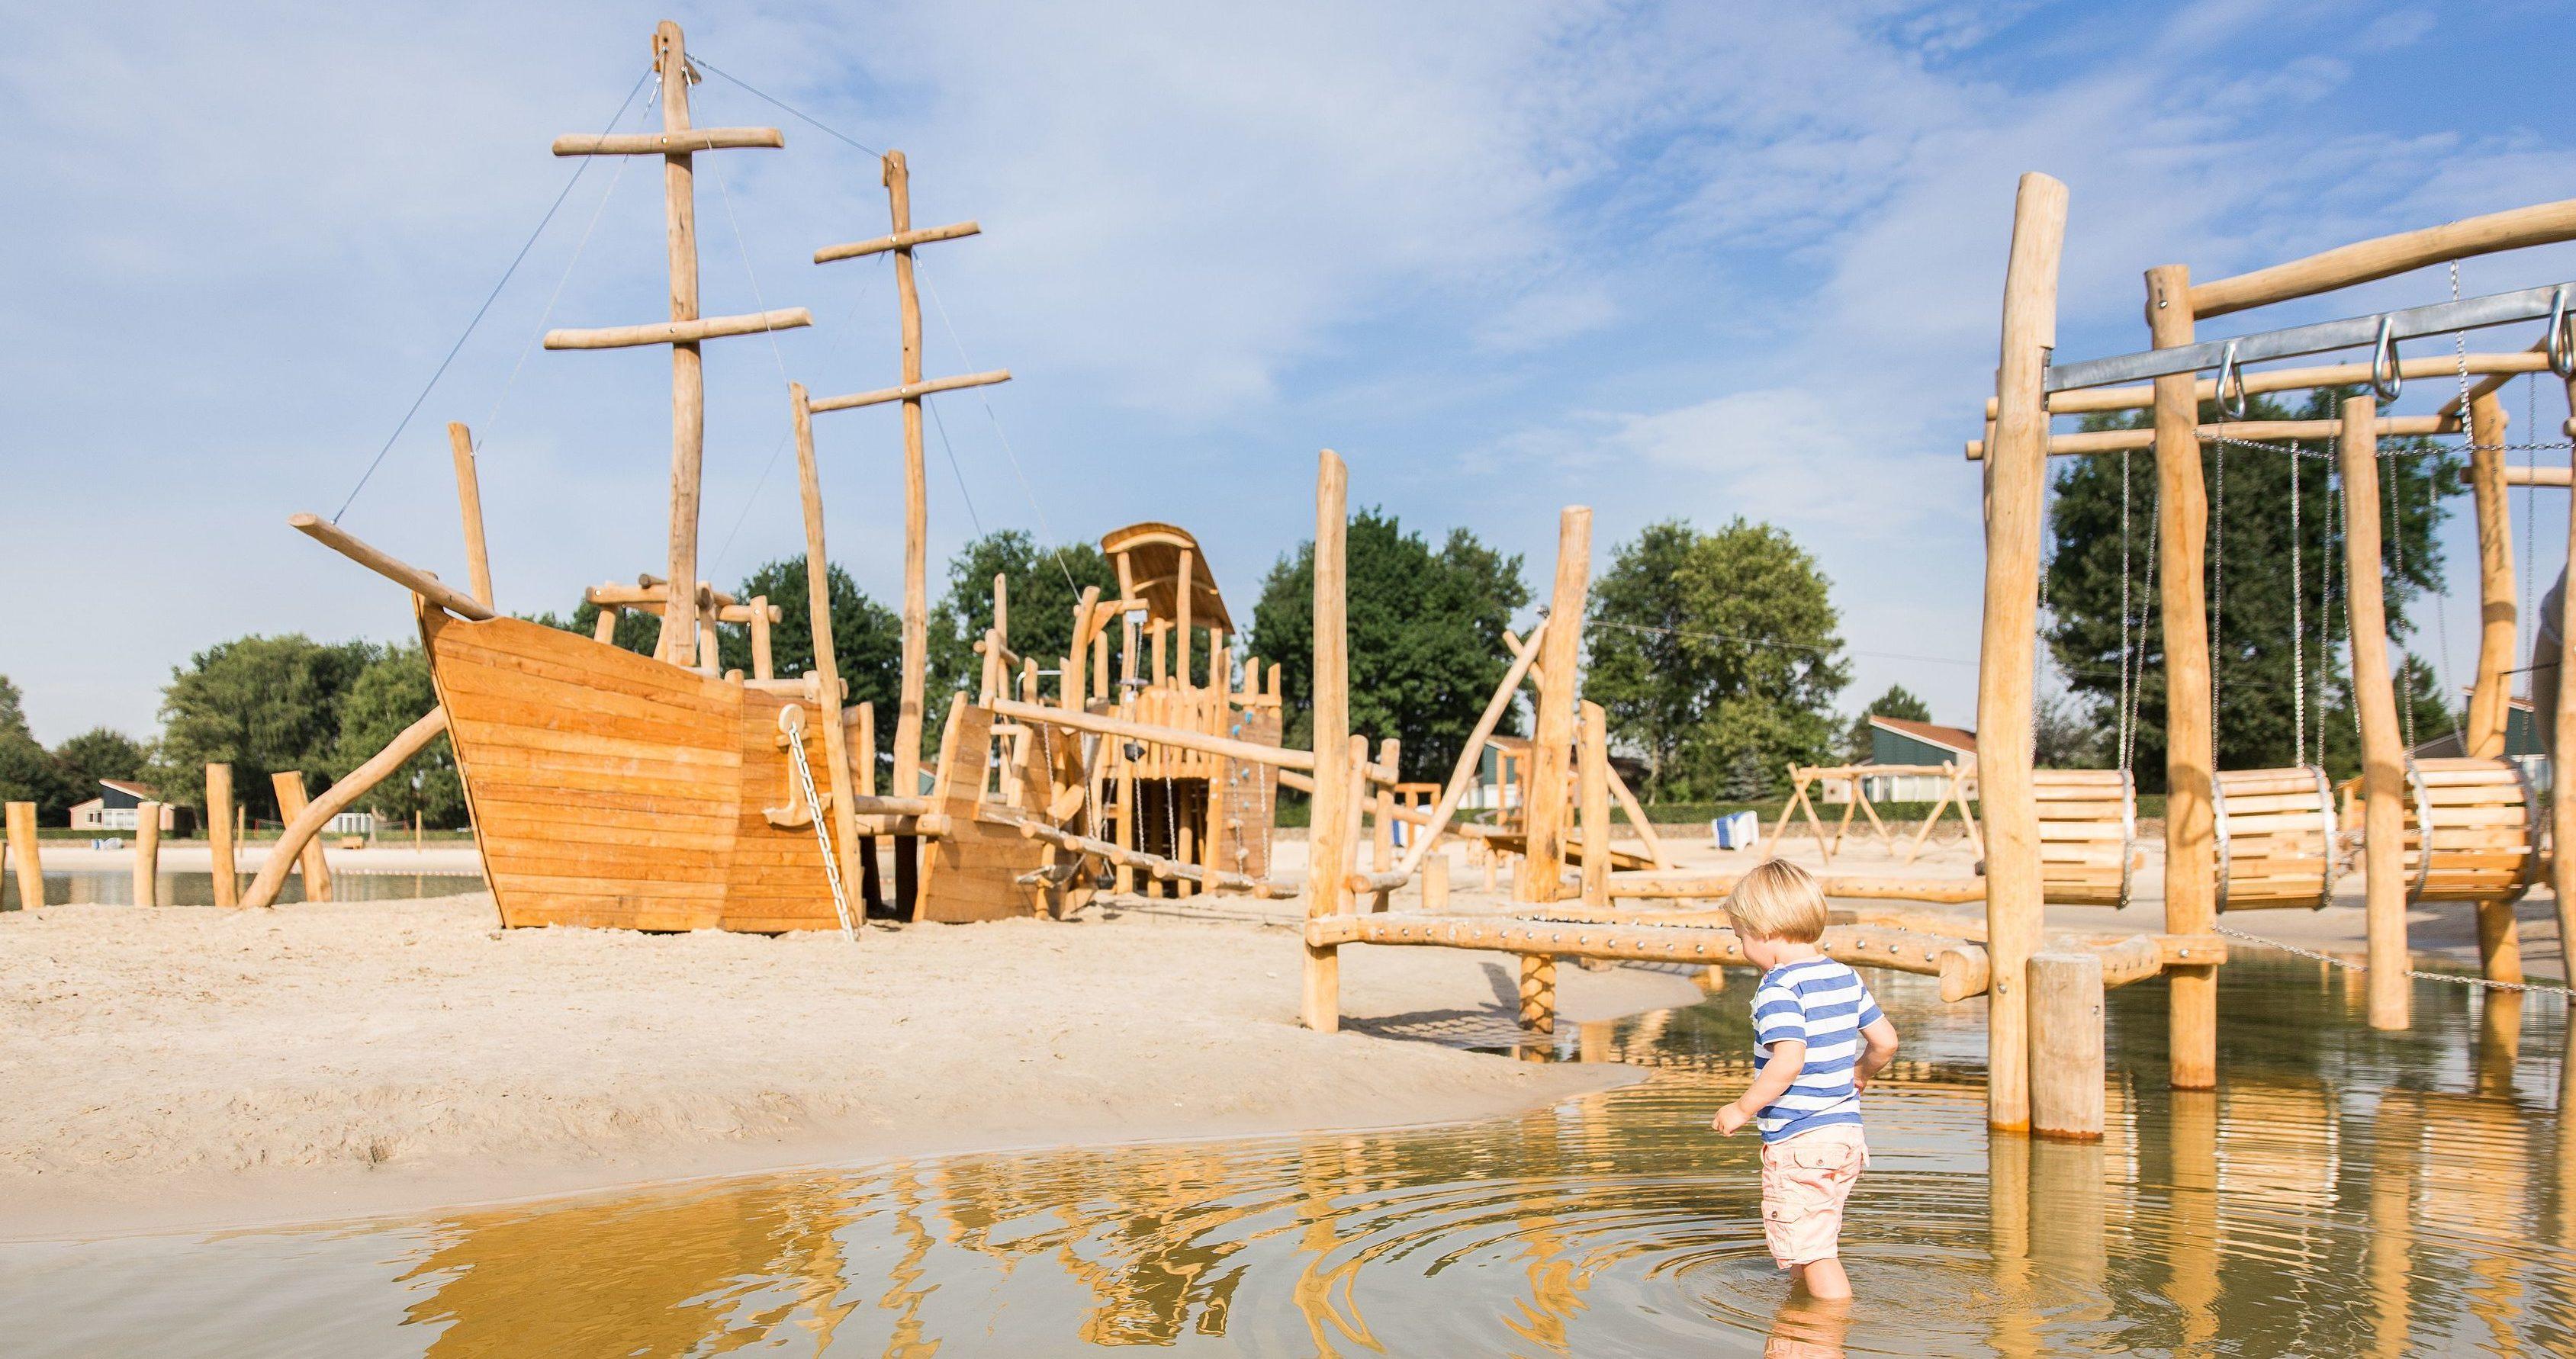 Meivakantie doorbrengen in Drenthe met de kinderen.